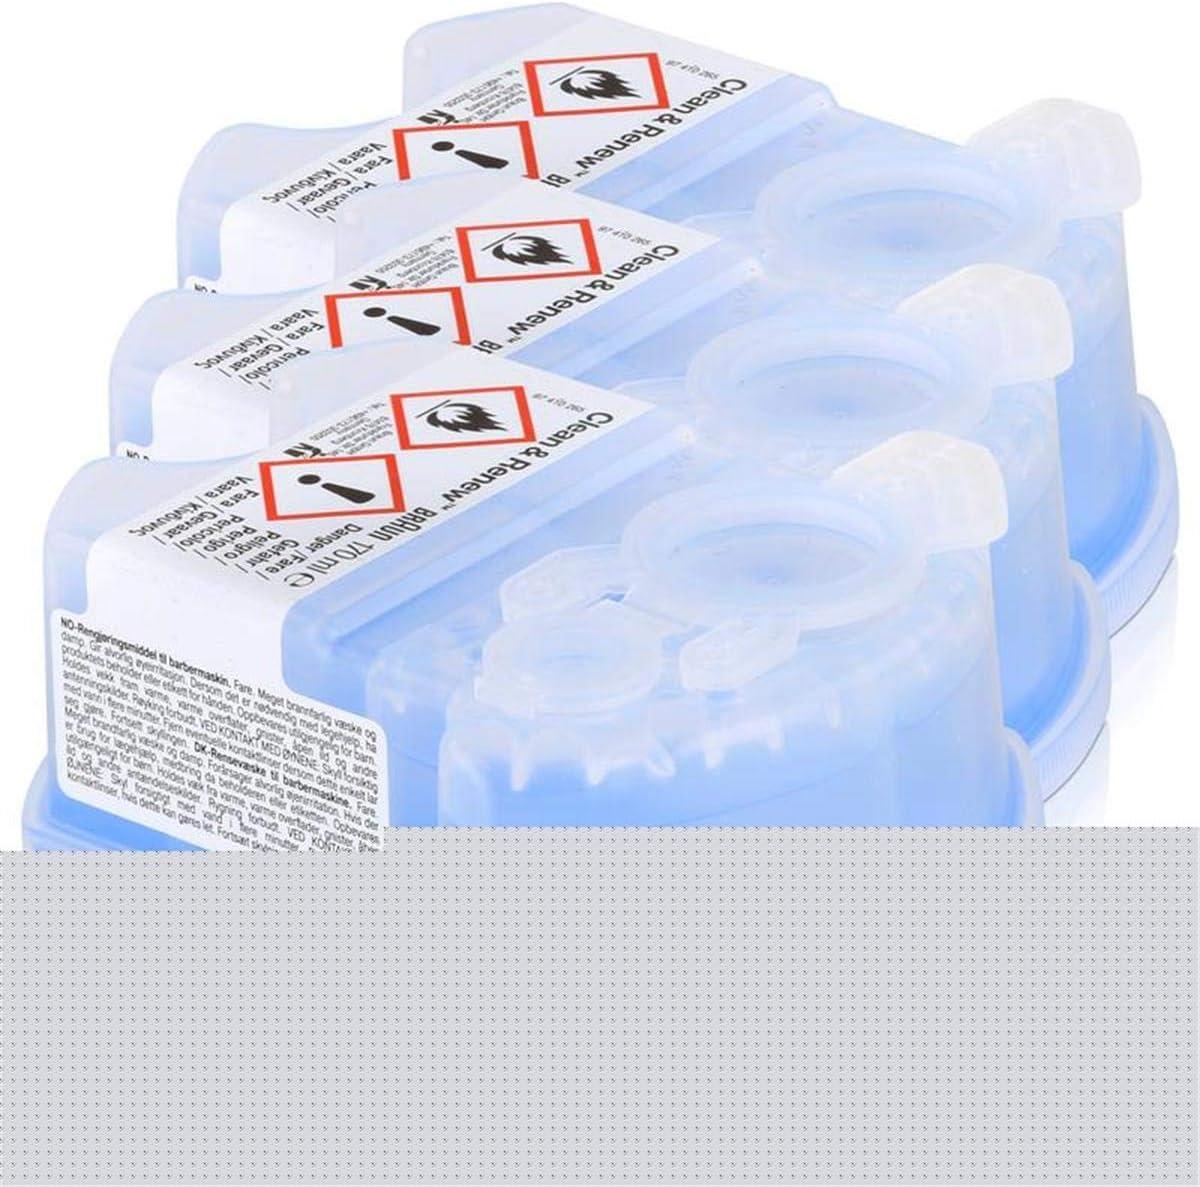 Braun - Pack de 3 recambios de líquido limpiador para el sistema ...